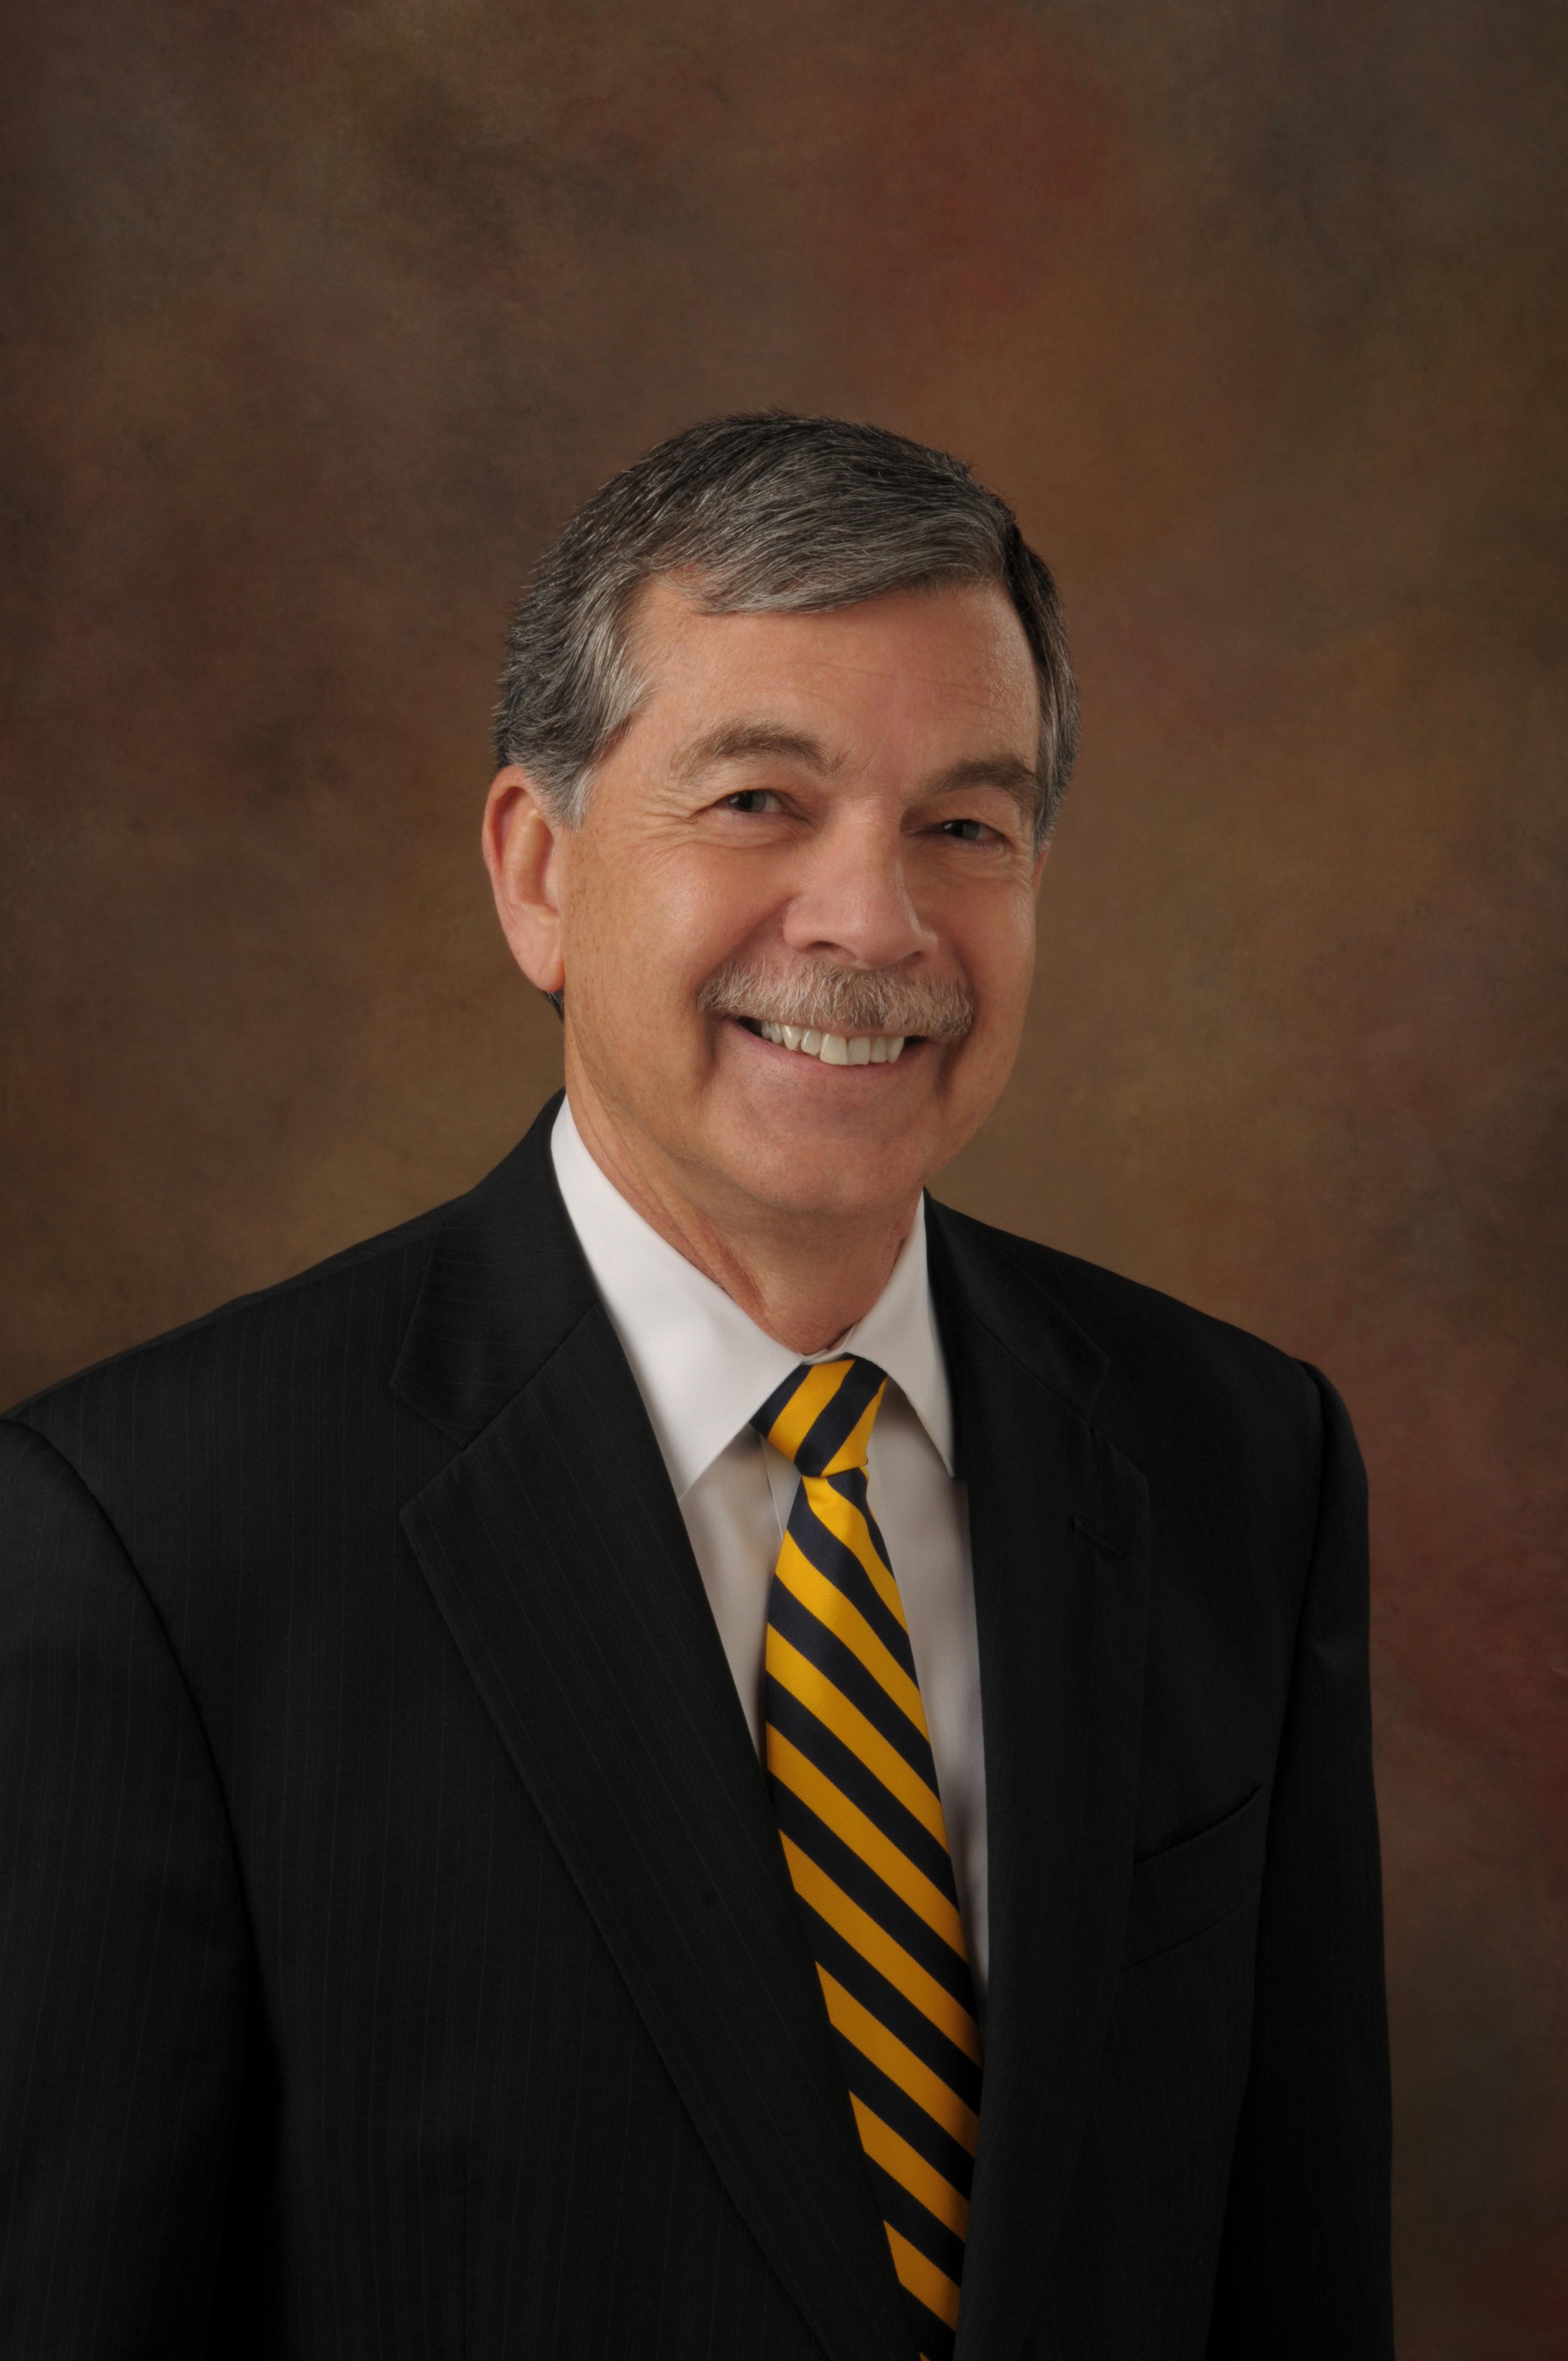 Marvin W. Jones